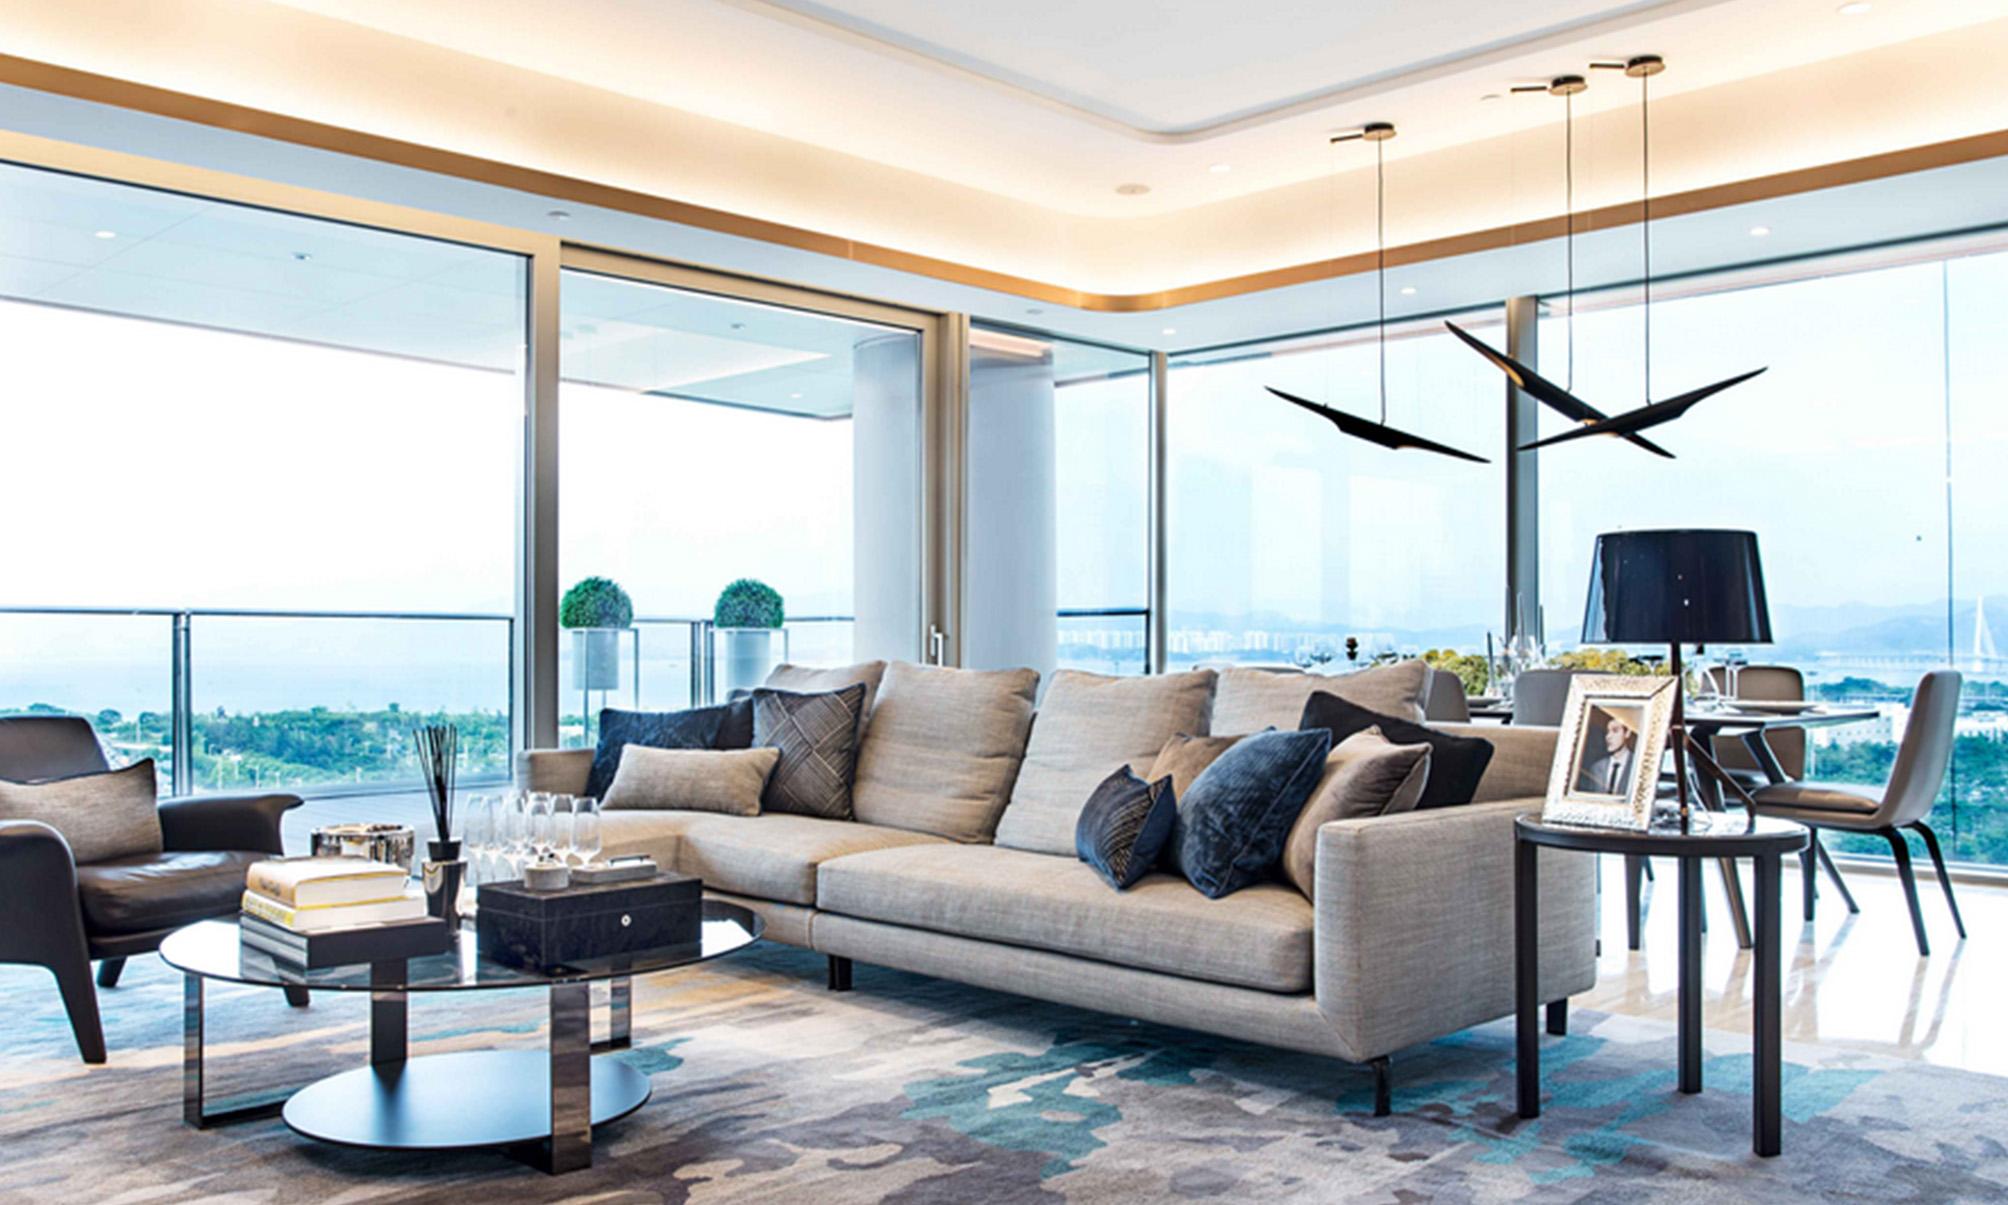 福建酒店家具厂-酒店沙发有哪几种?